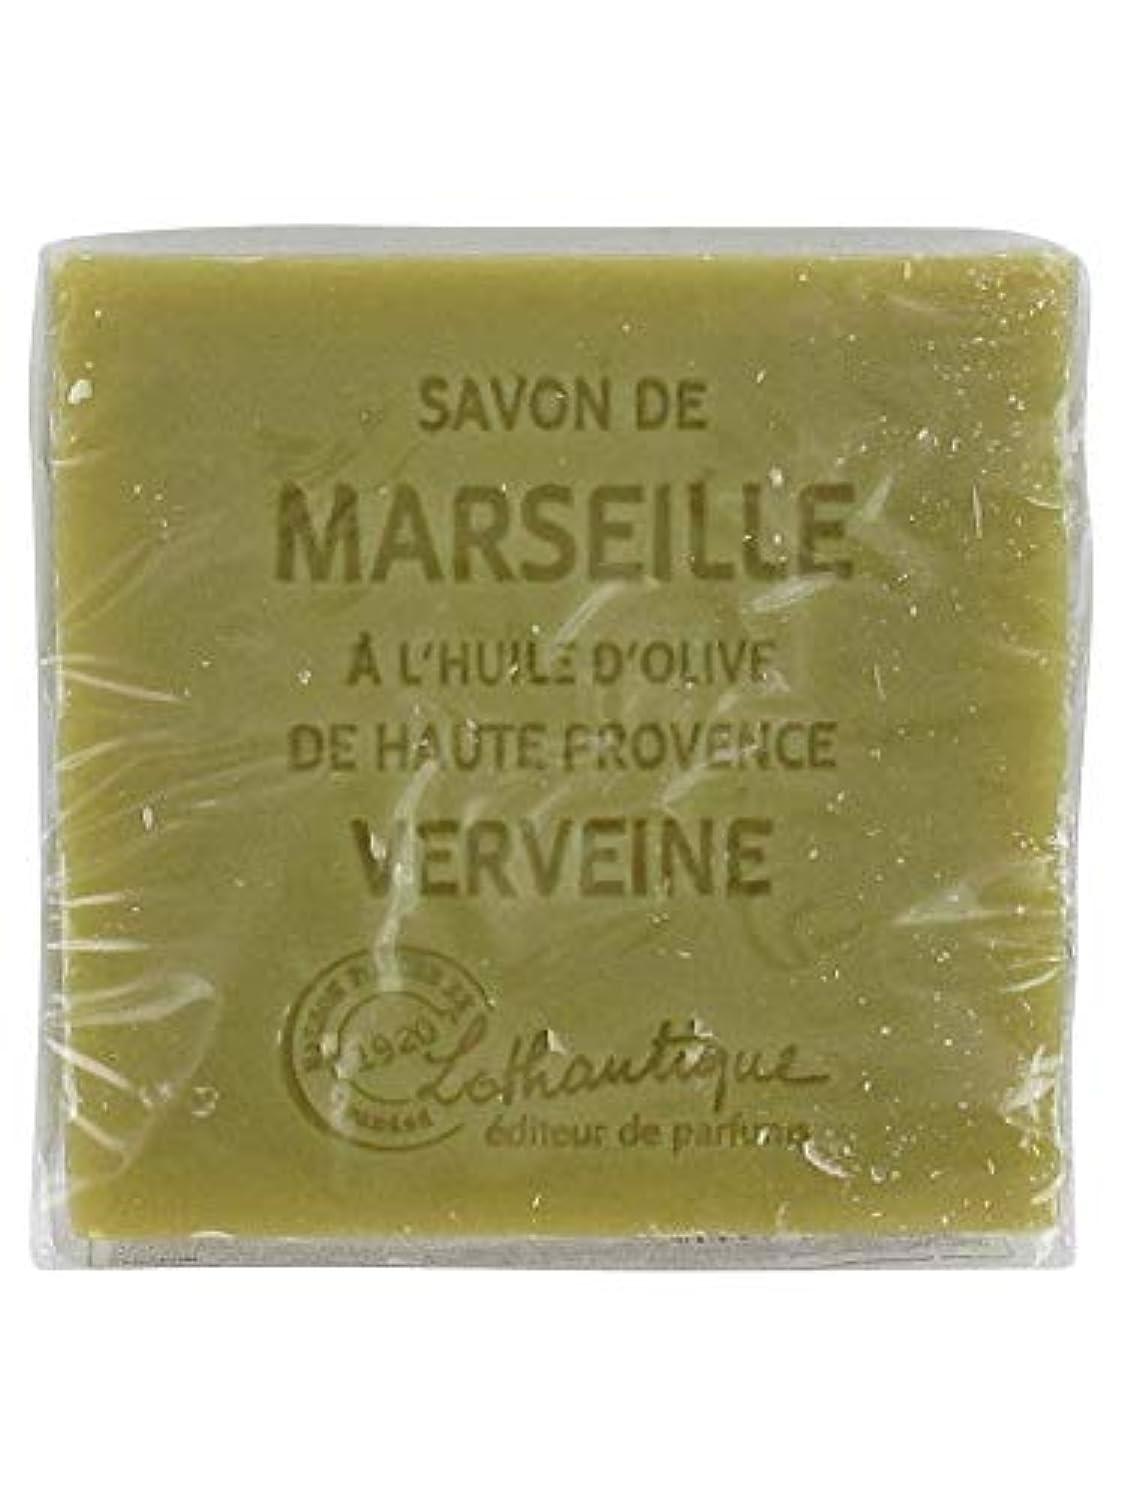 アシュリータファーマン行動発揮するLothantique(ロタンティック) Les savons de Marseille(マルセイユソープ) マルセイユソープ 100g 「ベルベーヌ」 3420070038142